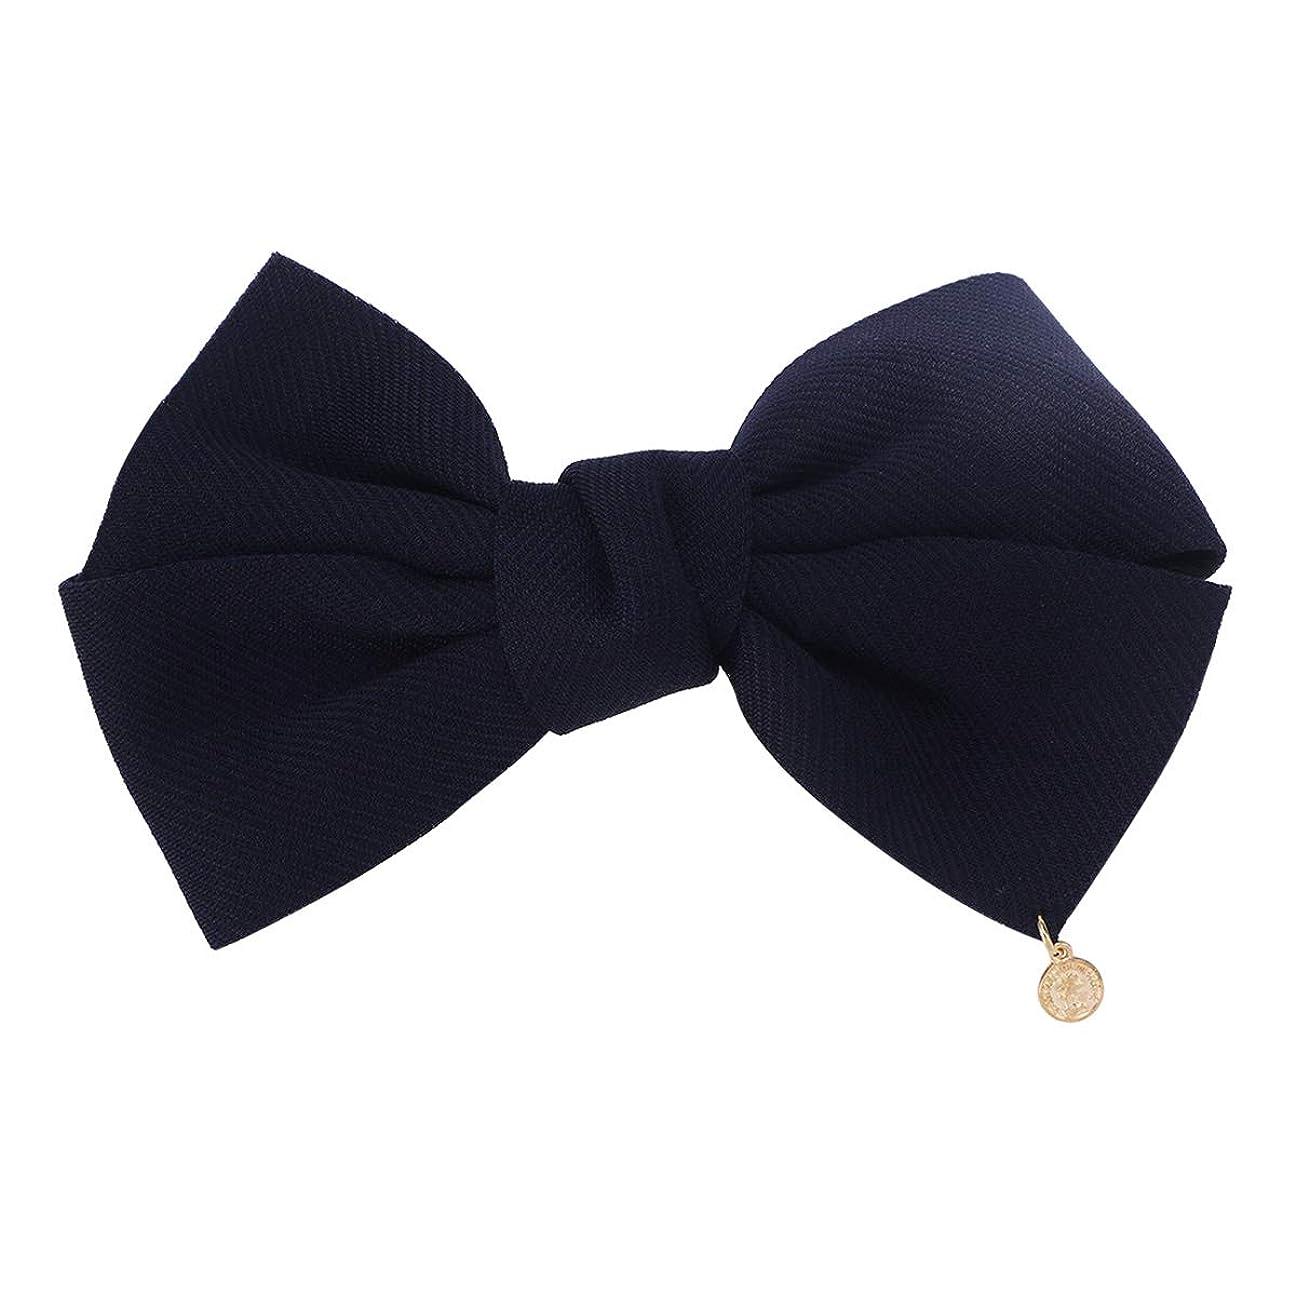 若い確立クスクスLURROSE 弓ヘアクリップ布フレンチバレットヘアピン結婚式の誕生日パーティーのためのヘアアクセサリー女性女の子(海軍)